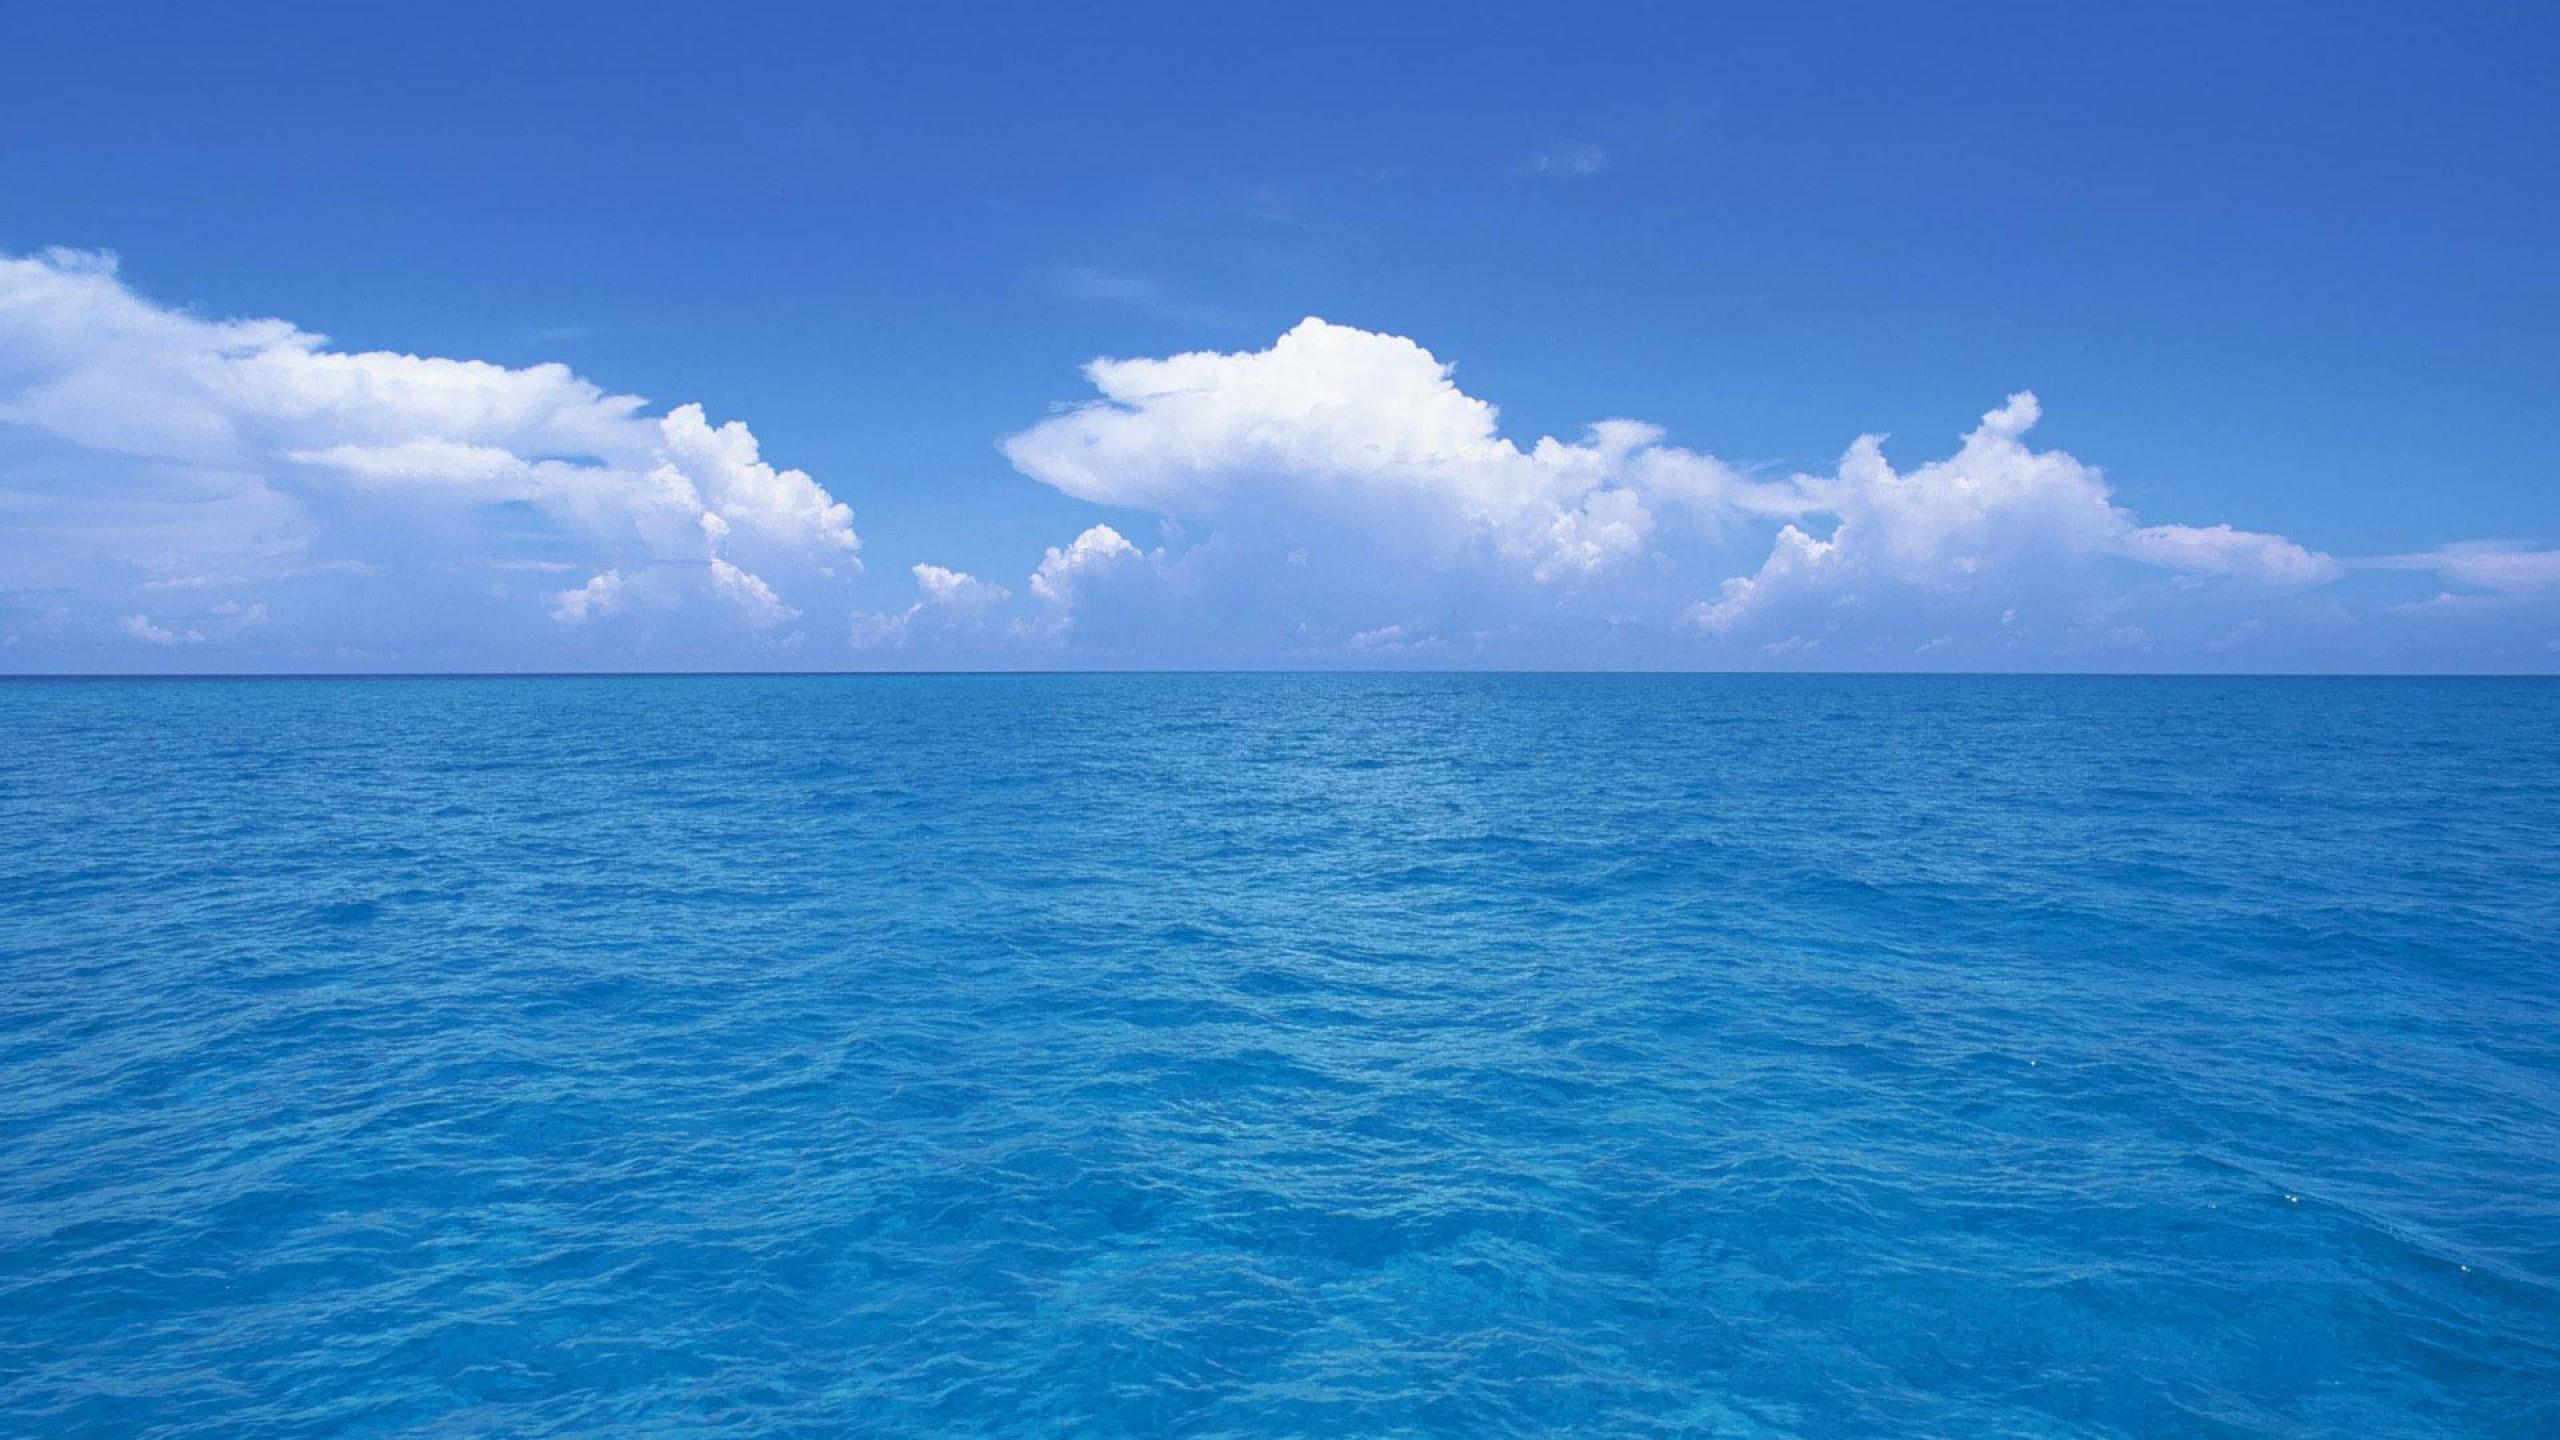 Res: 2560x1440, Ocean Wallpaper High Quality C2Y ? WALLPAPERUN.COM - HD Wallpapers